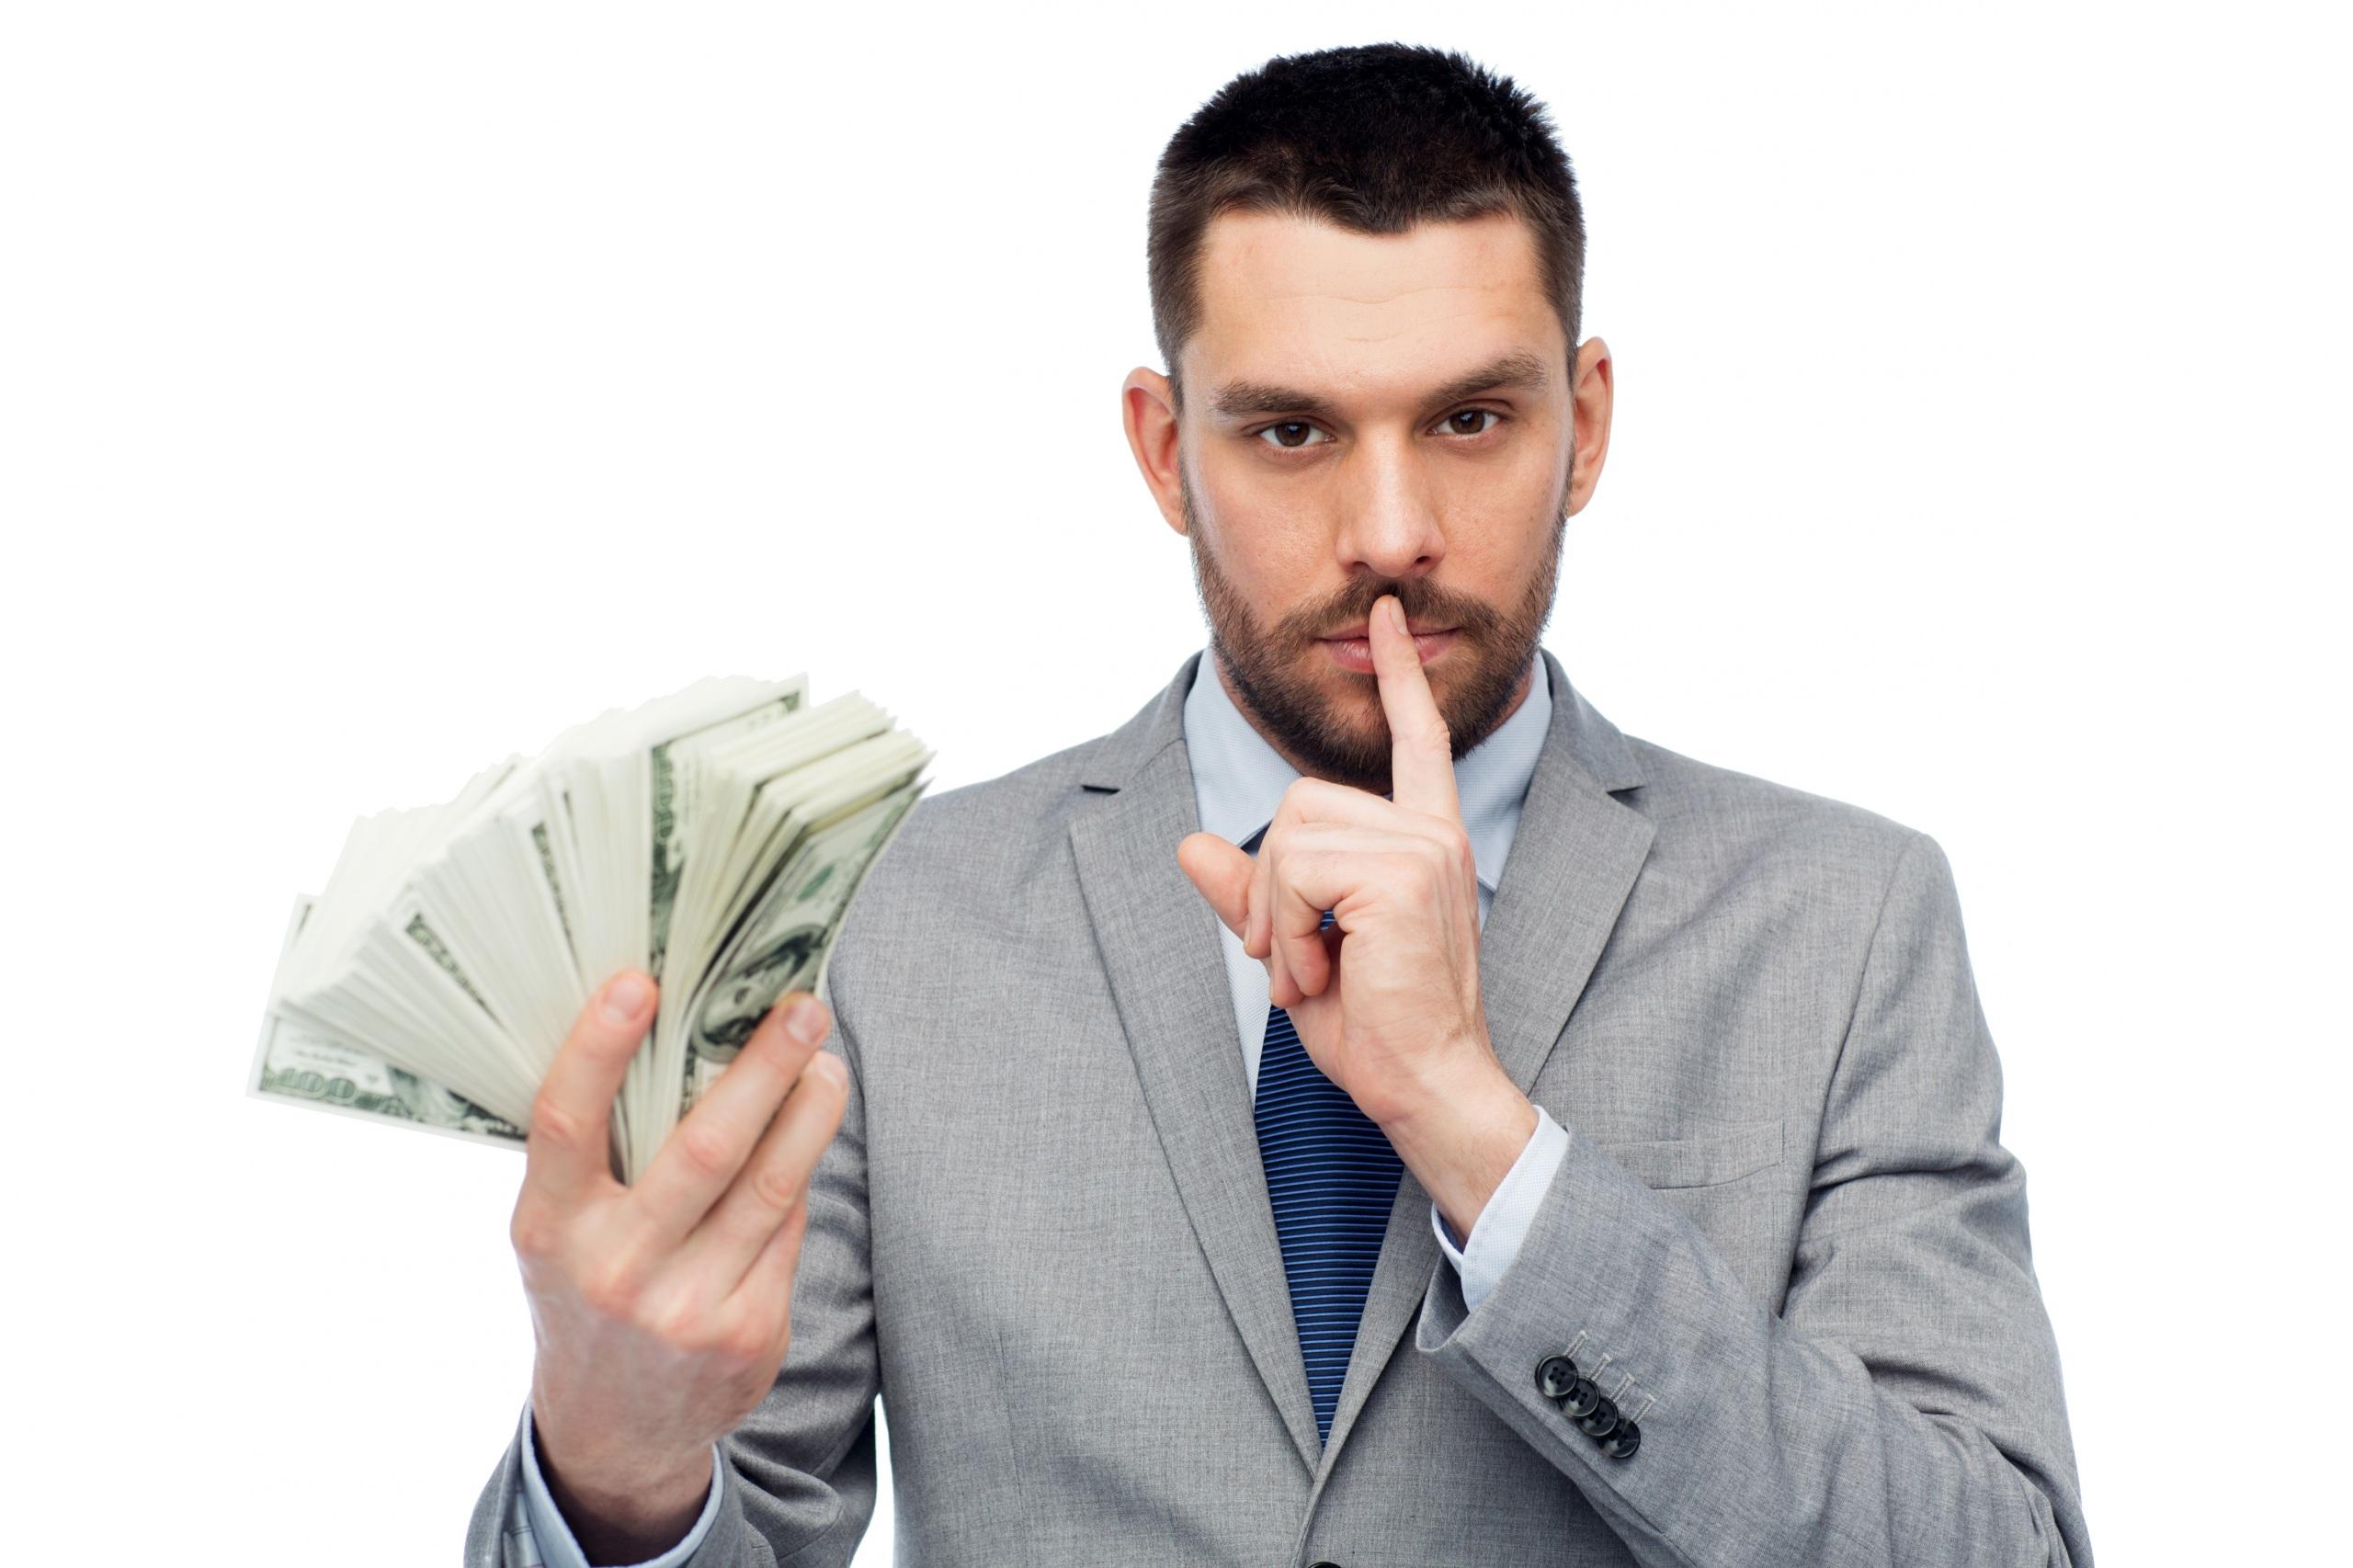 Фото Доллары Мужчины Пальцы Деньги смотрит Белый фон 2560x1706 Взгляд смотрят белом фоне белым фоном